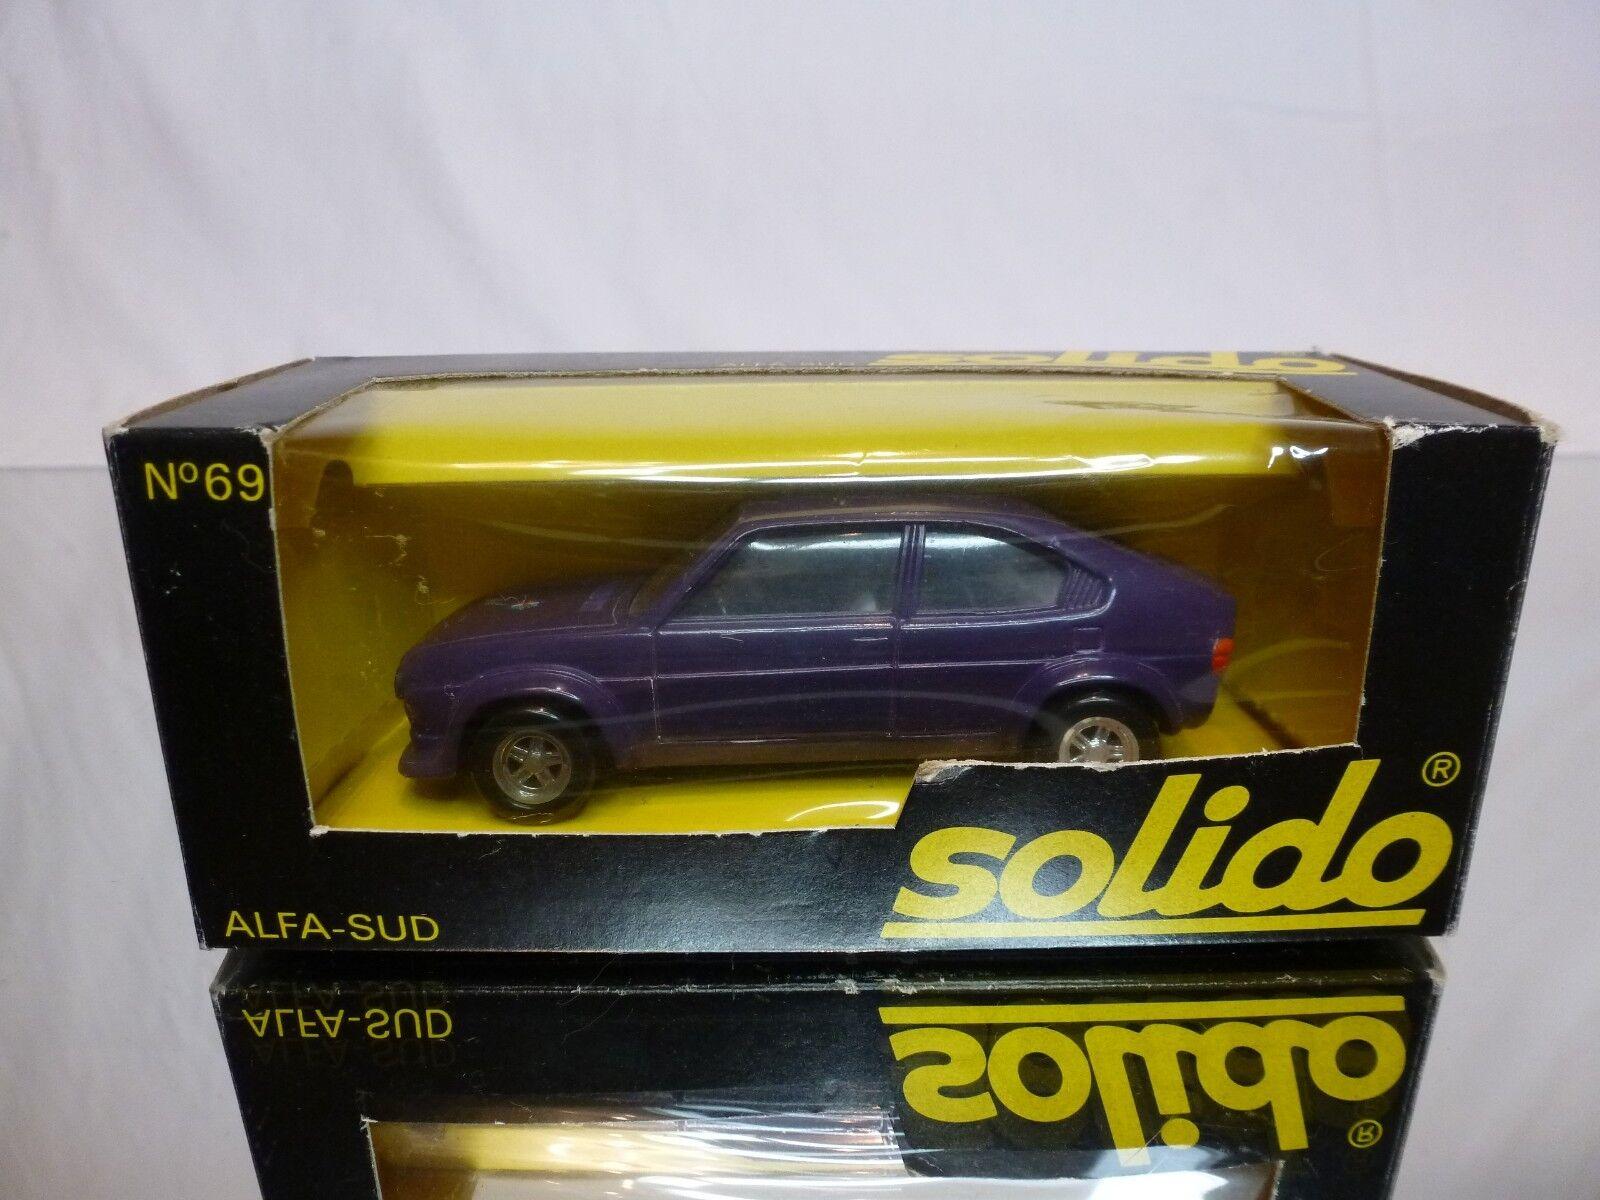 SOLIDO 69 ALFA ROMEO ALFASUD - PURPLE 1 43 RARE - GOOD CONDITION IN BOX